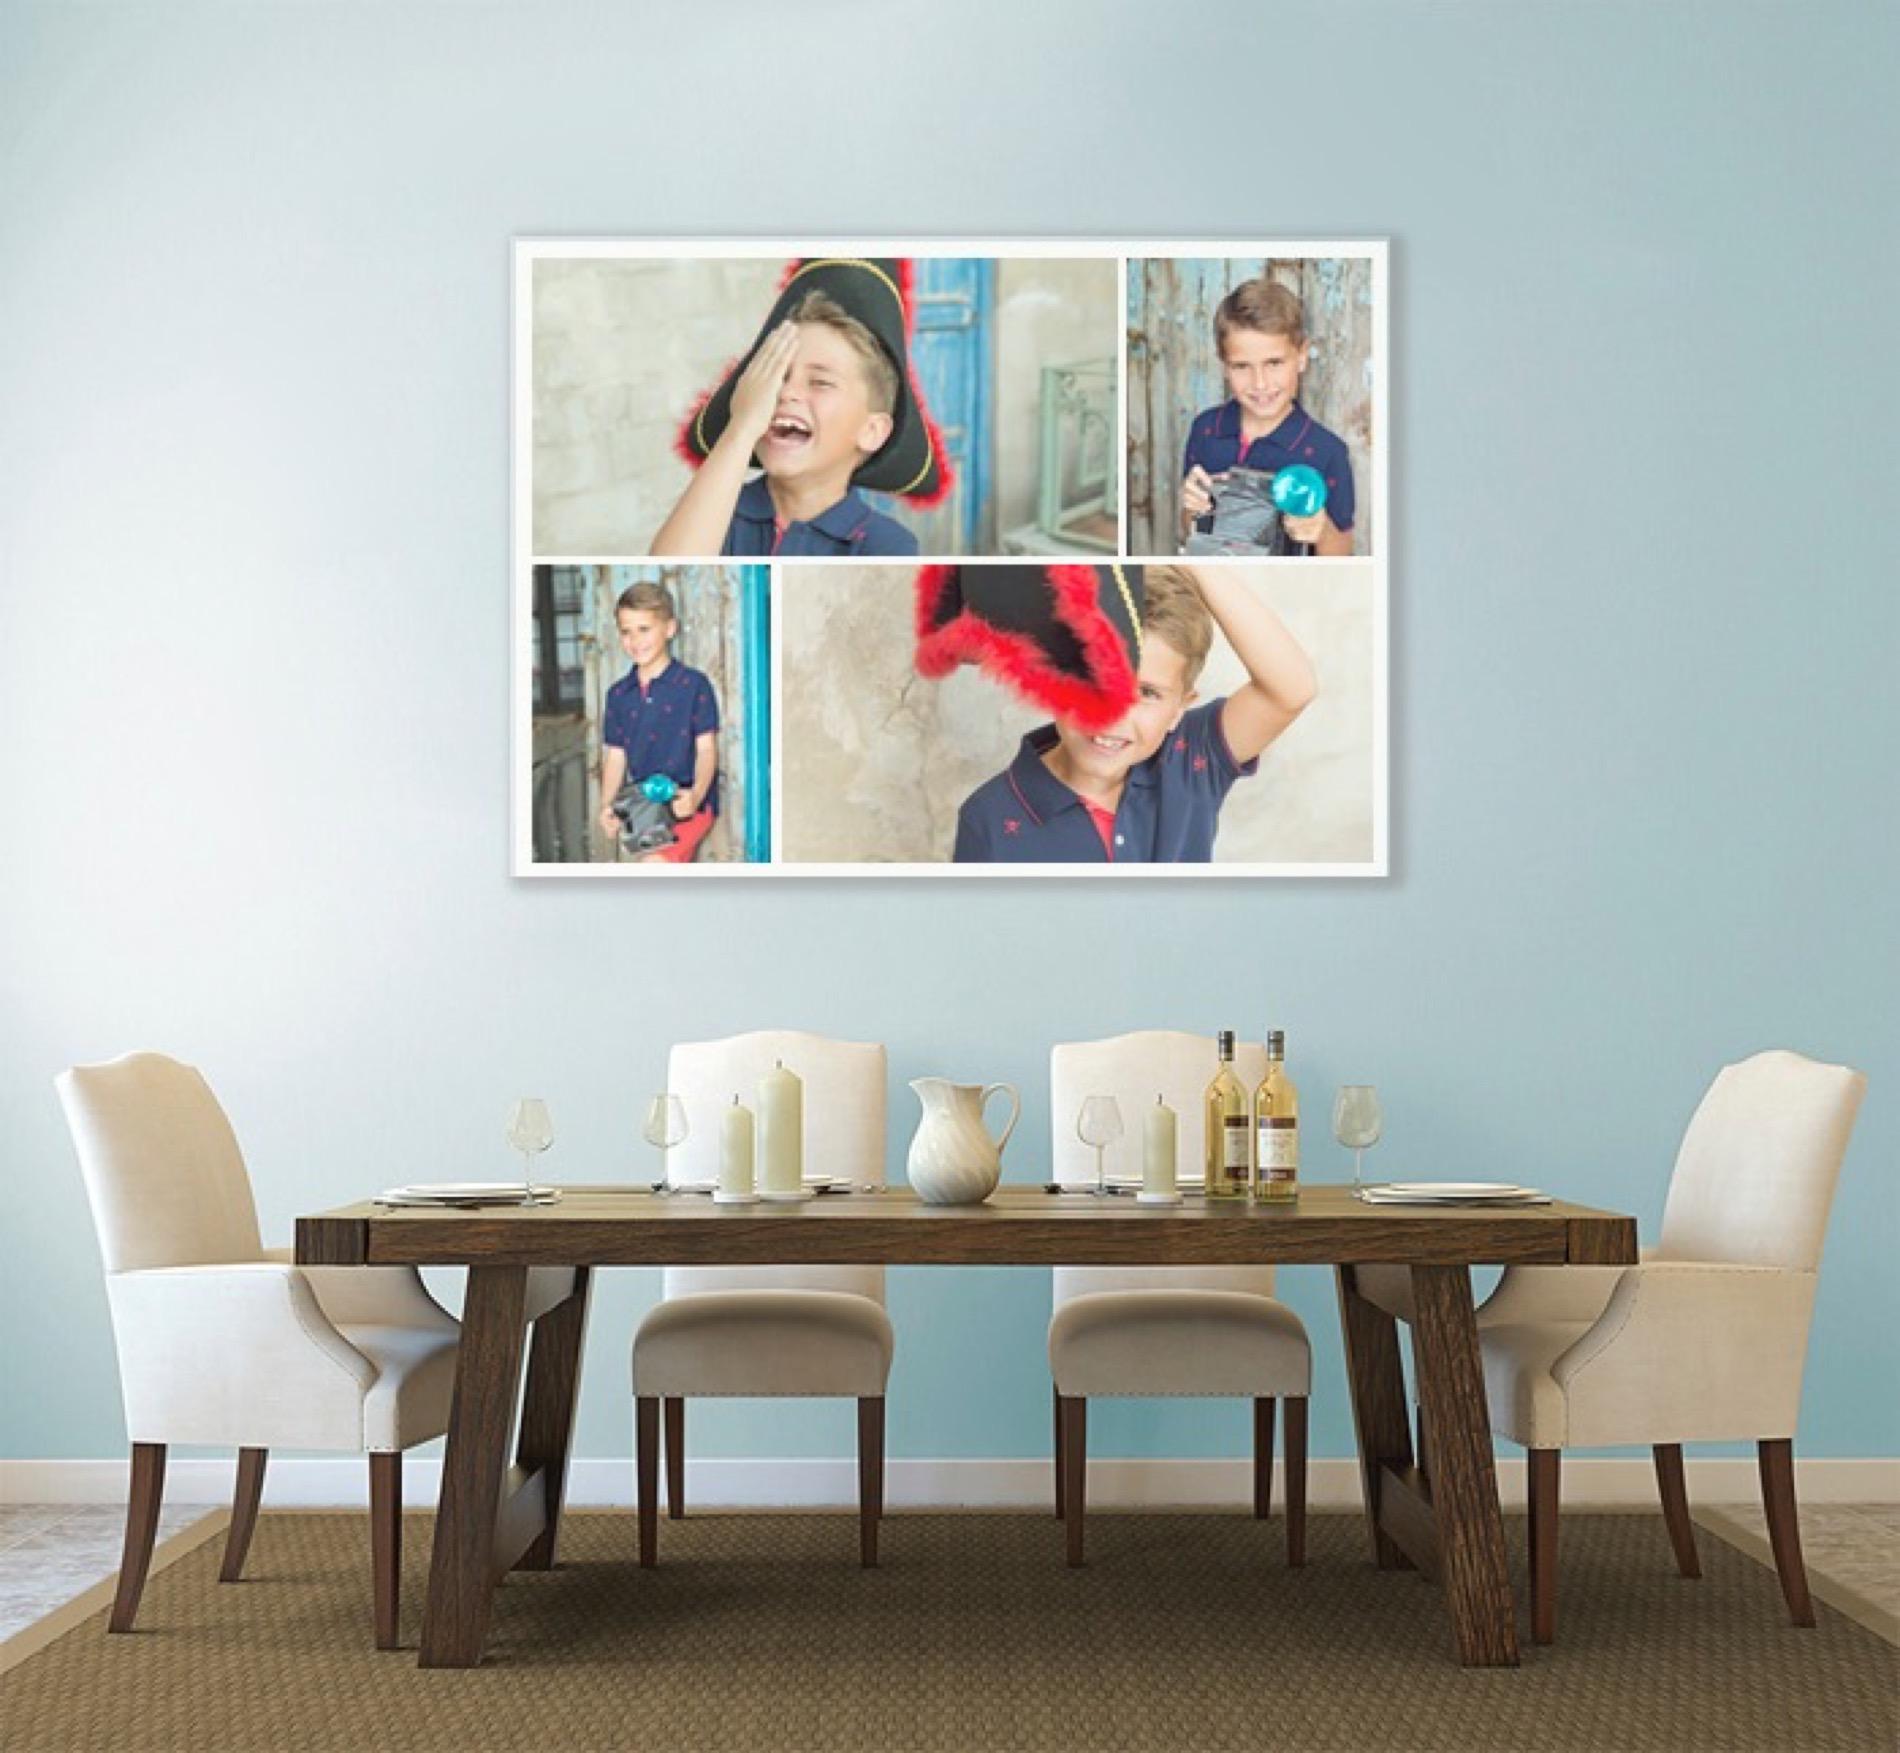 Decora tu casa con fotos de tus hijos fotos marlor - Decora tu casa juegos ...